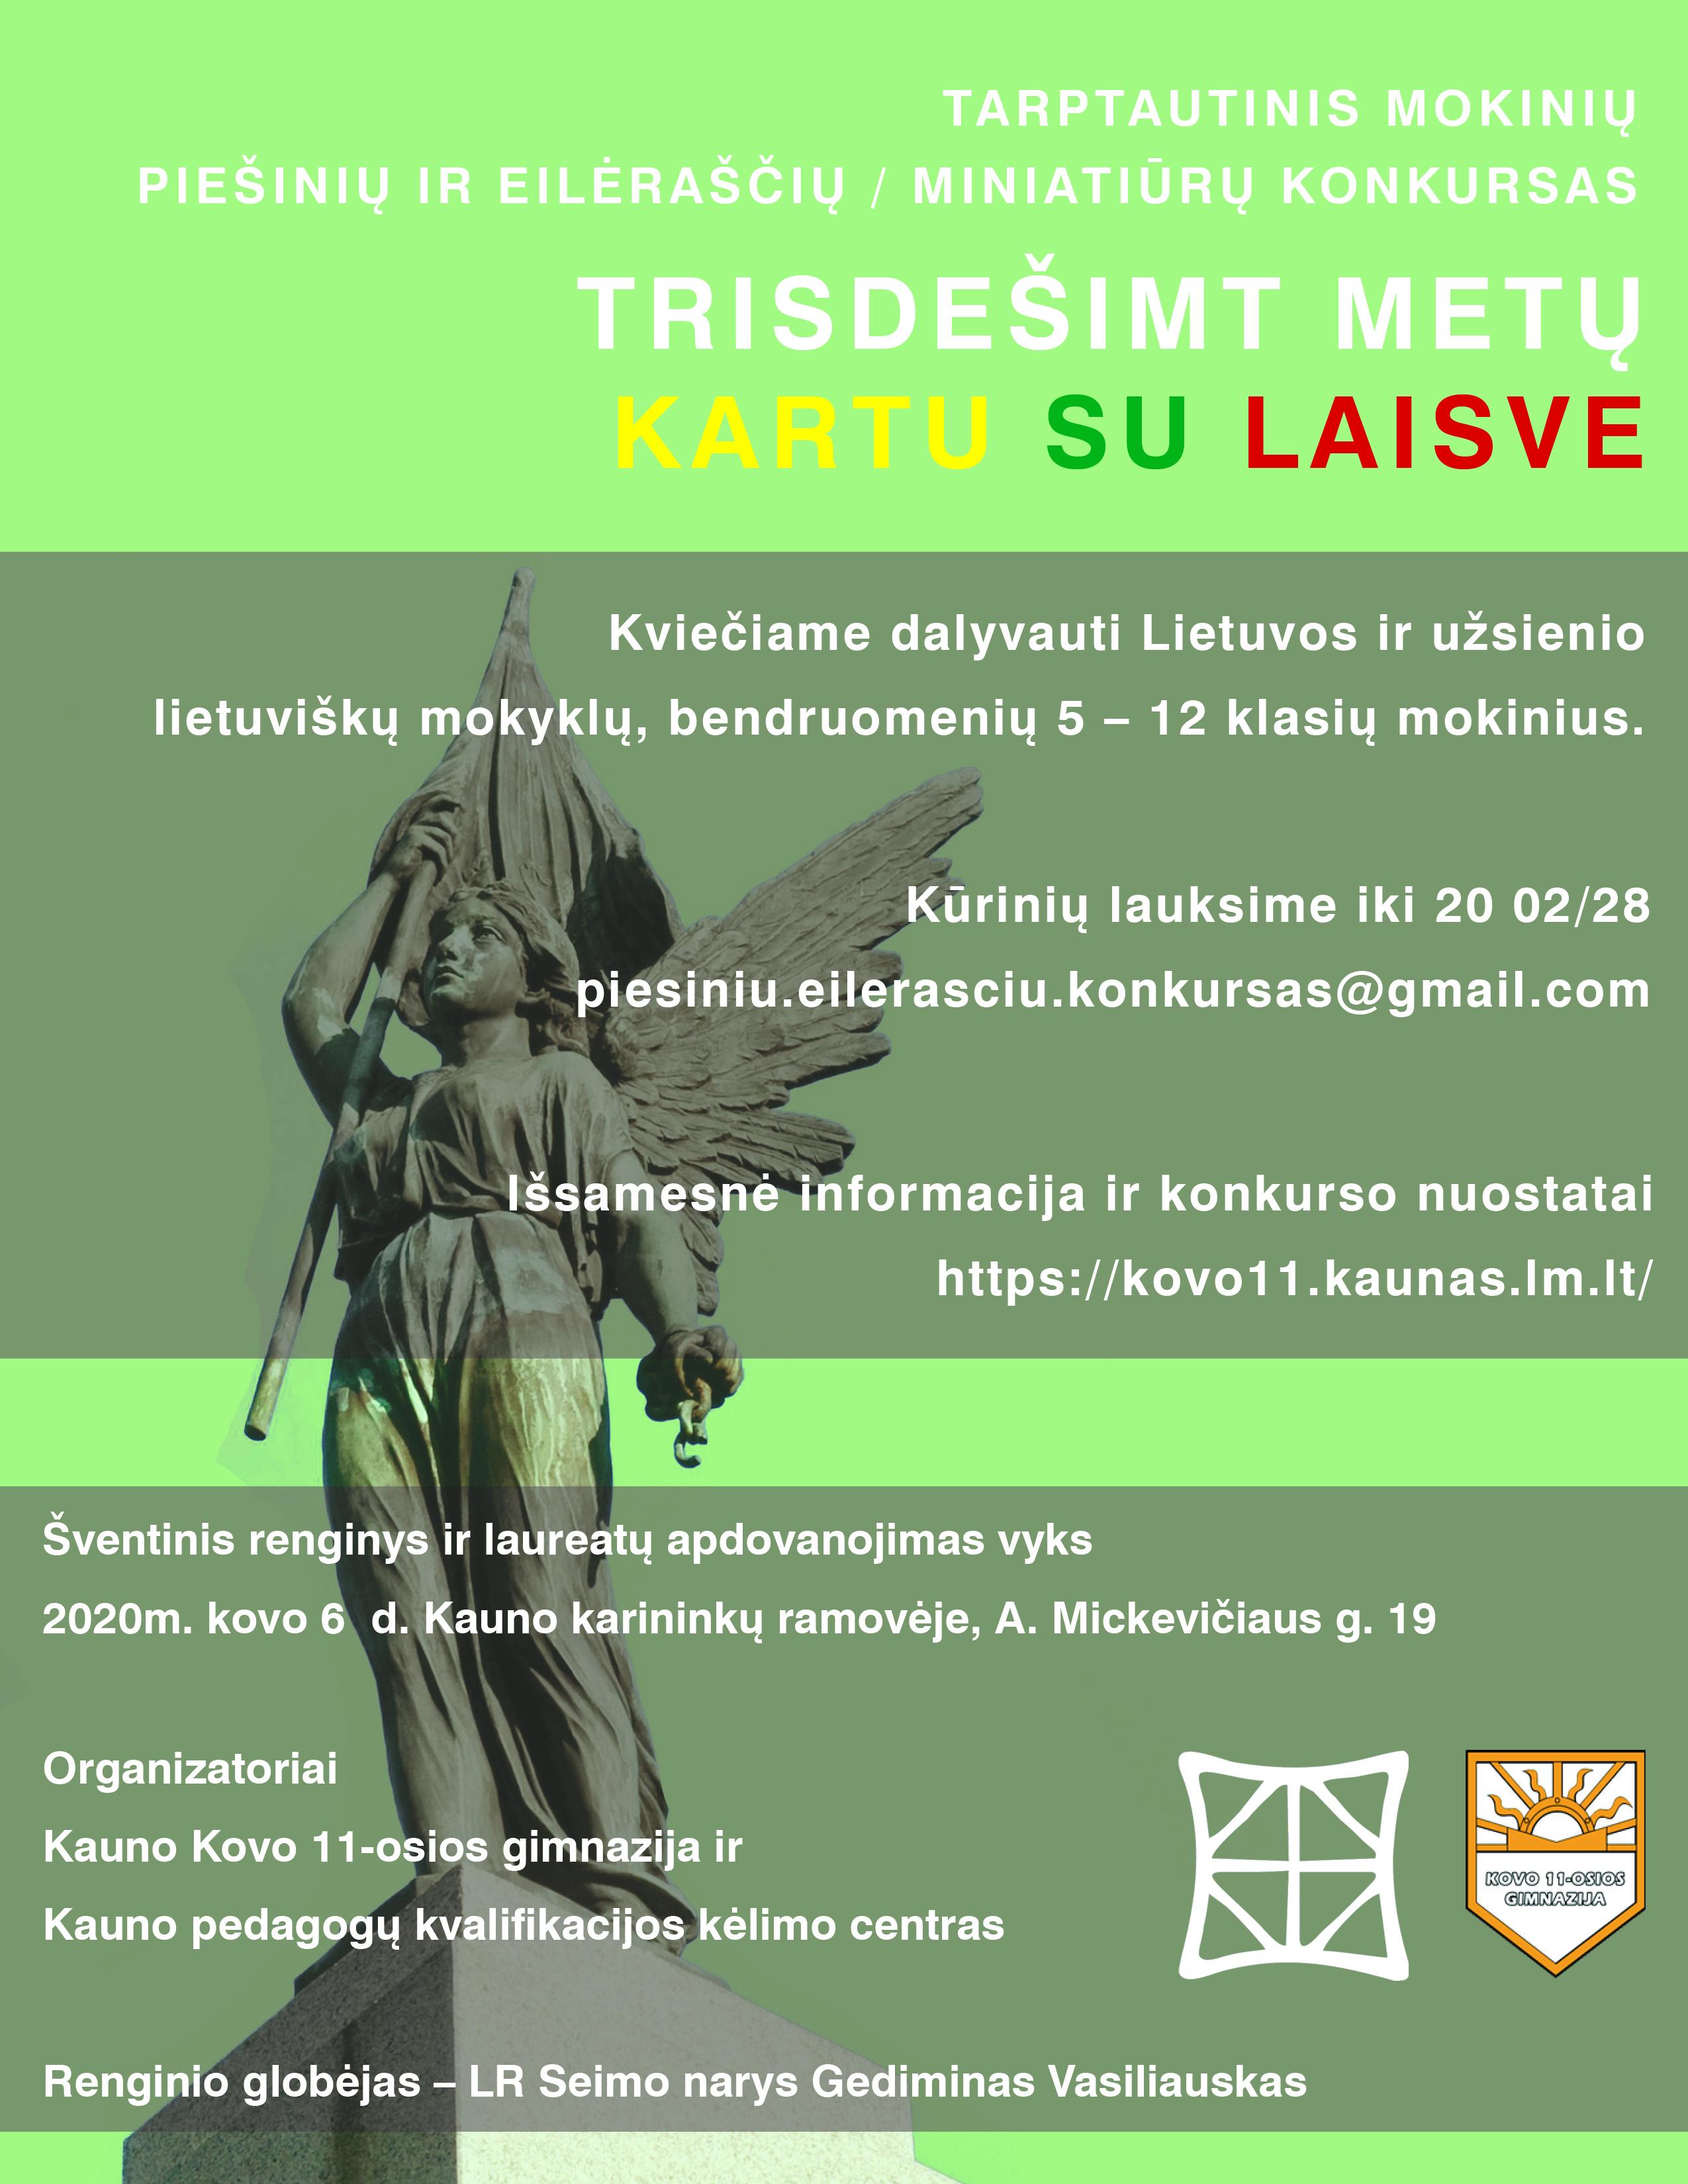 """Tarptautinis mokinių piešinių ir eilėraščių / miniatiūrų konkursas """"Trisdešimt metų kartu su laisve"""""""